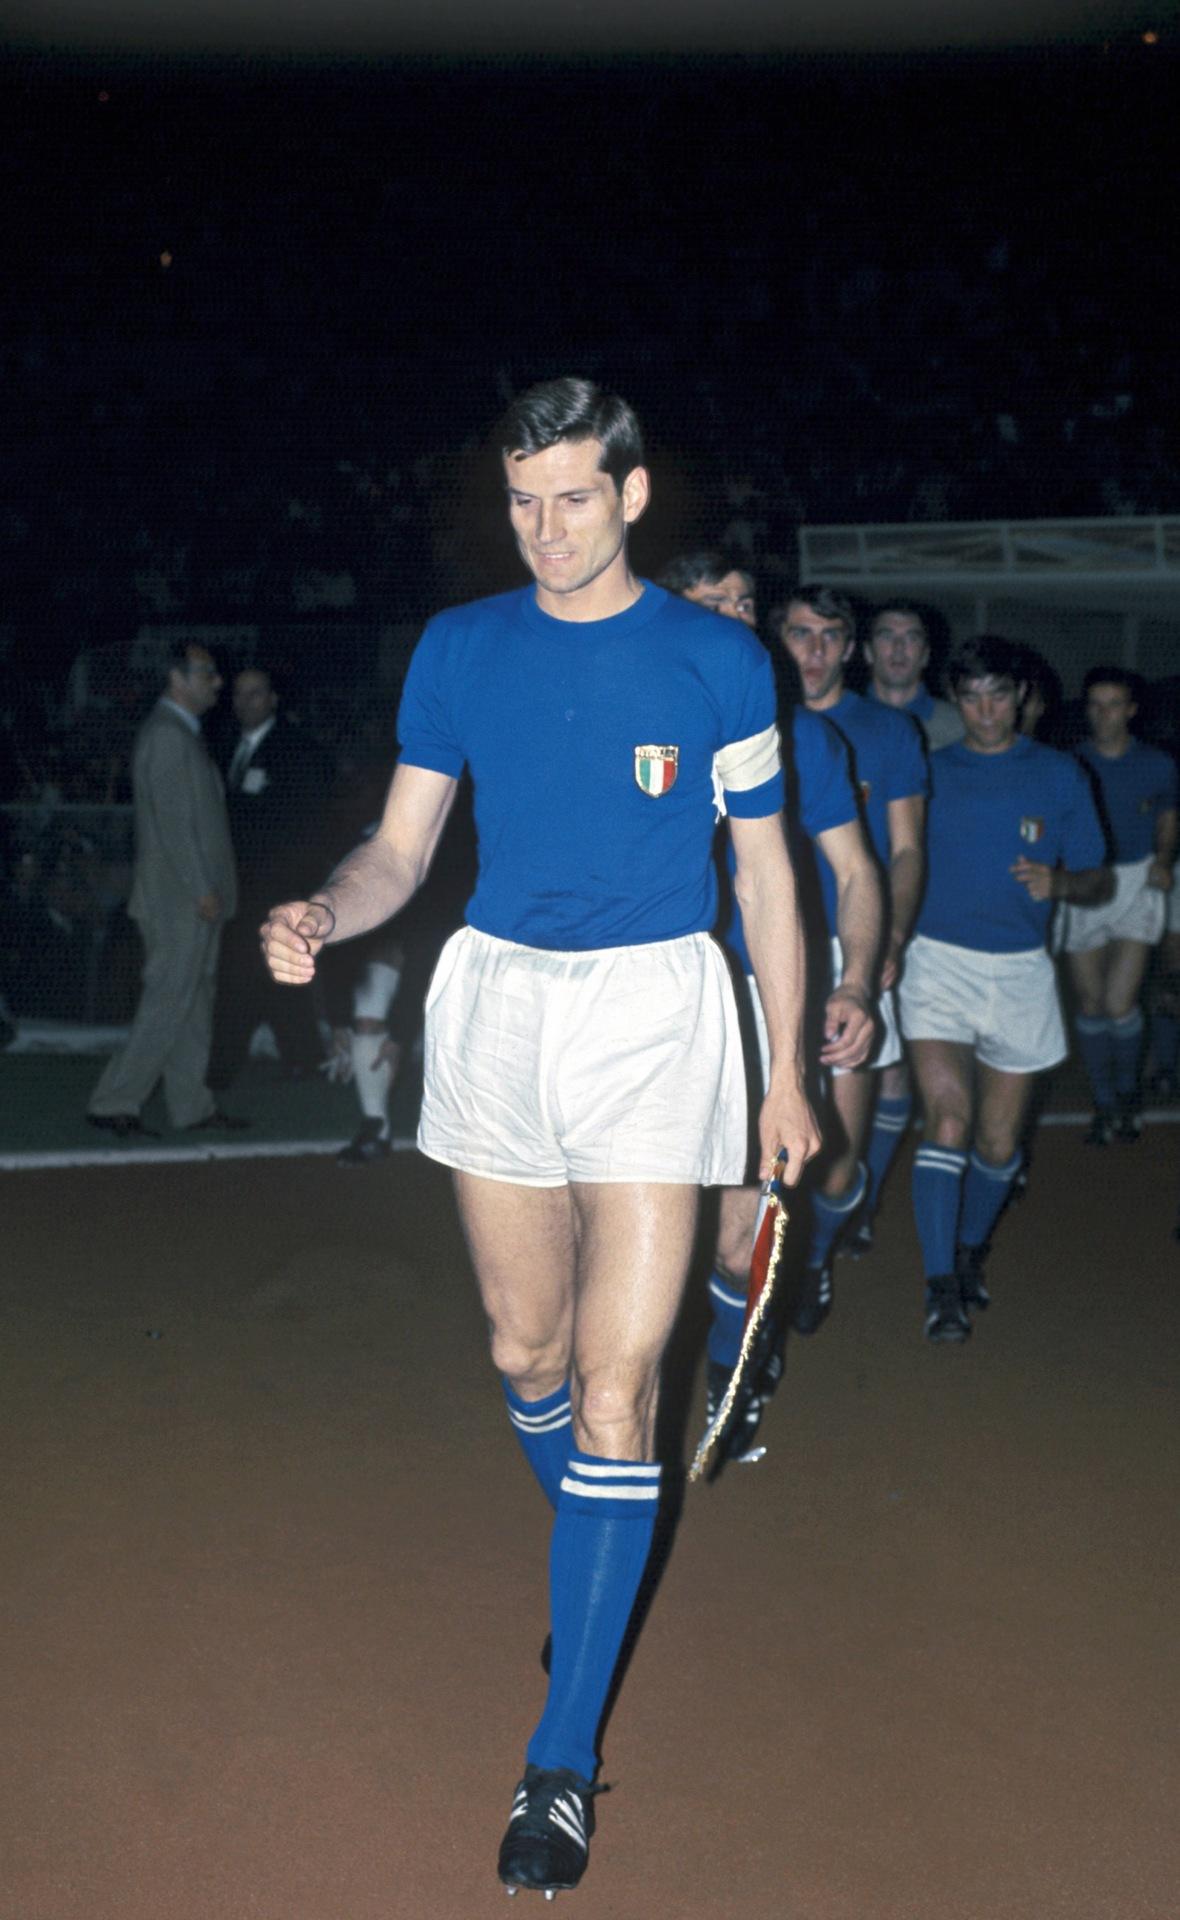 Giacinto Facchetti Estadio Olímpico final Eurocopa